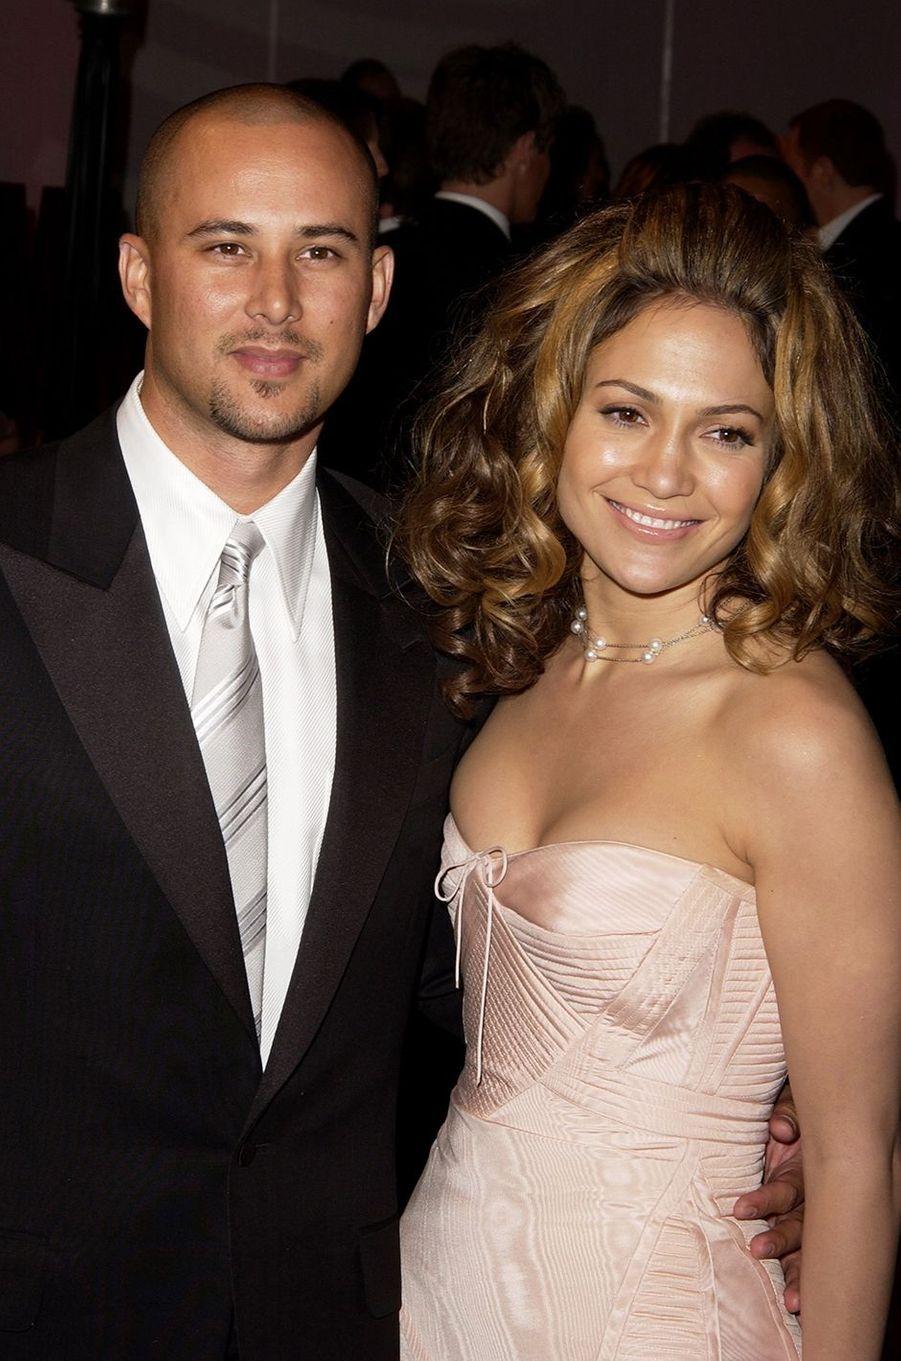 Cris Judd et Jennifer Lopez à l'after-party des Oscars à Los Angeles en mars 2002.Le couple a été marié entre 2001 et 2002.